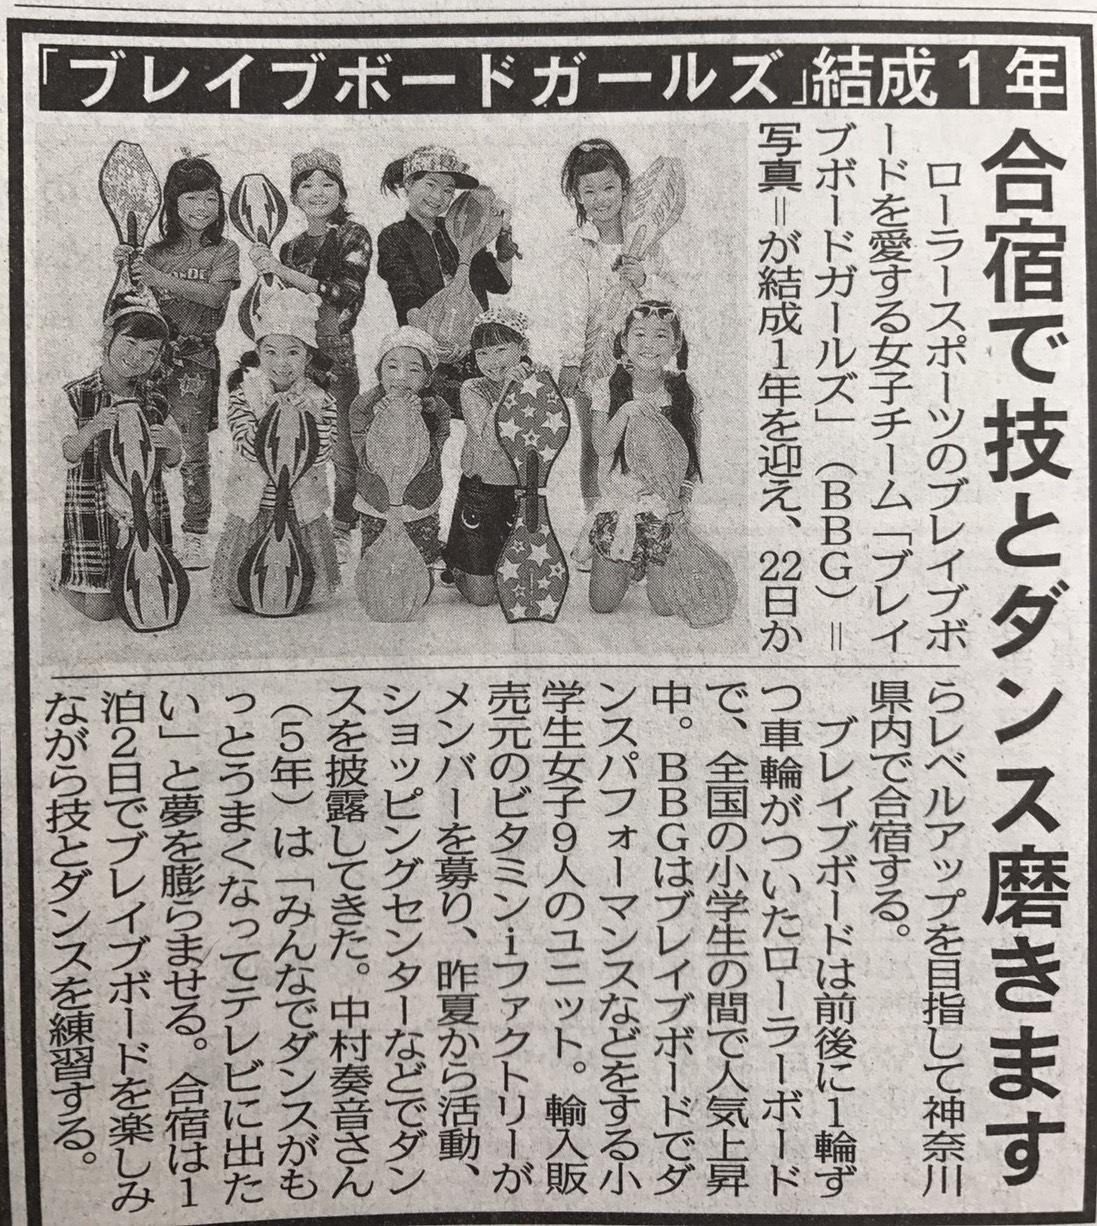 2017年8月21日中日スポーツ新聞掲載